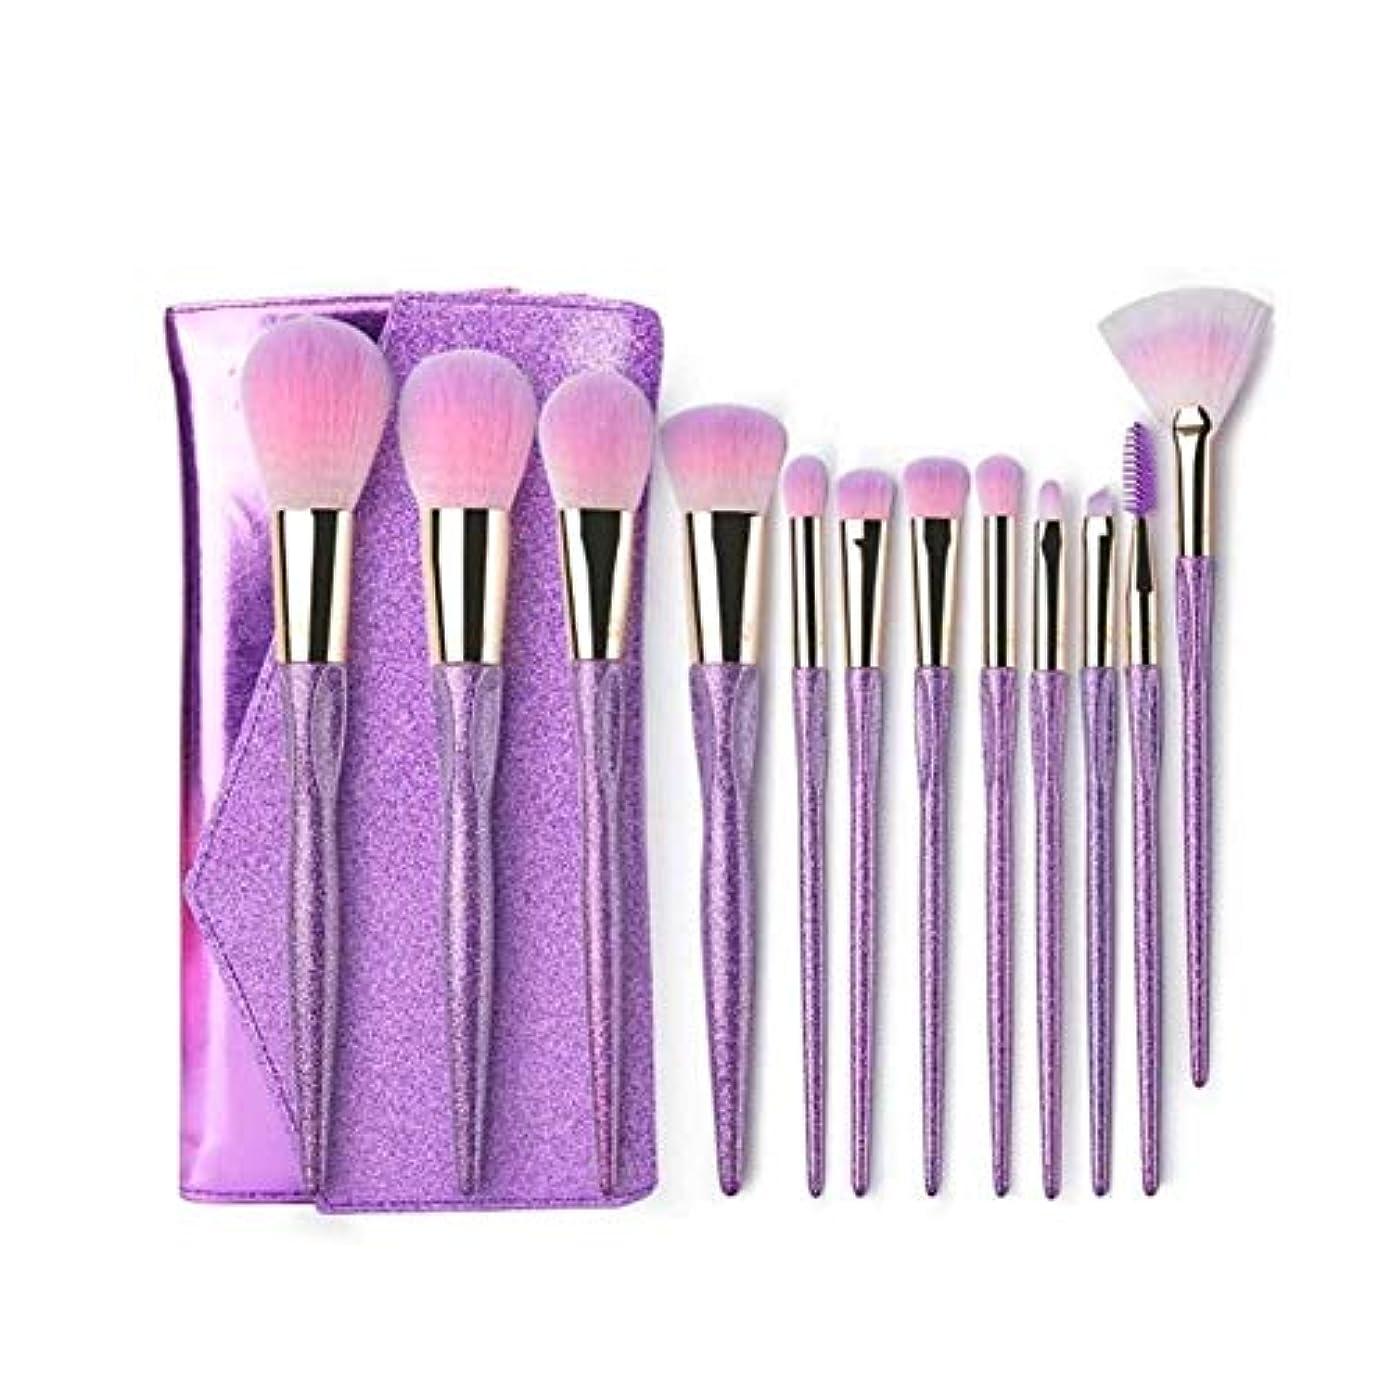 絶縁する希少性宿命XIAOCHAOSD メイクブラシ、12メイクブラシセット、財団ブラシ高光沢ブラシアイシャドウブラシまつげカールセット、初心者メイクブラシ、ソフトで快適な (Color : Purple)